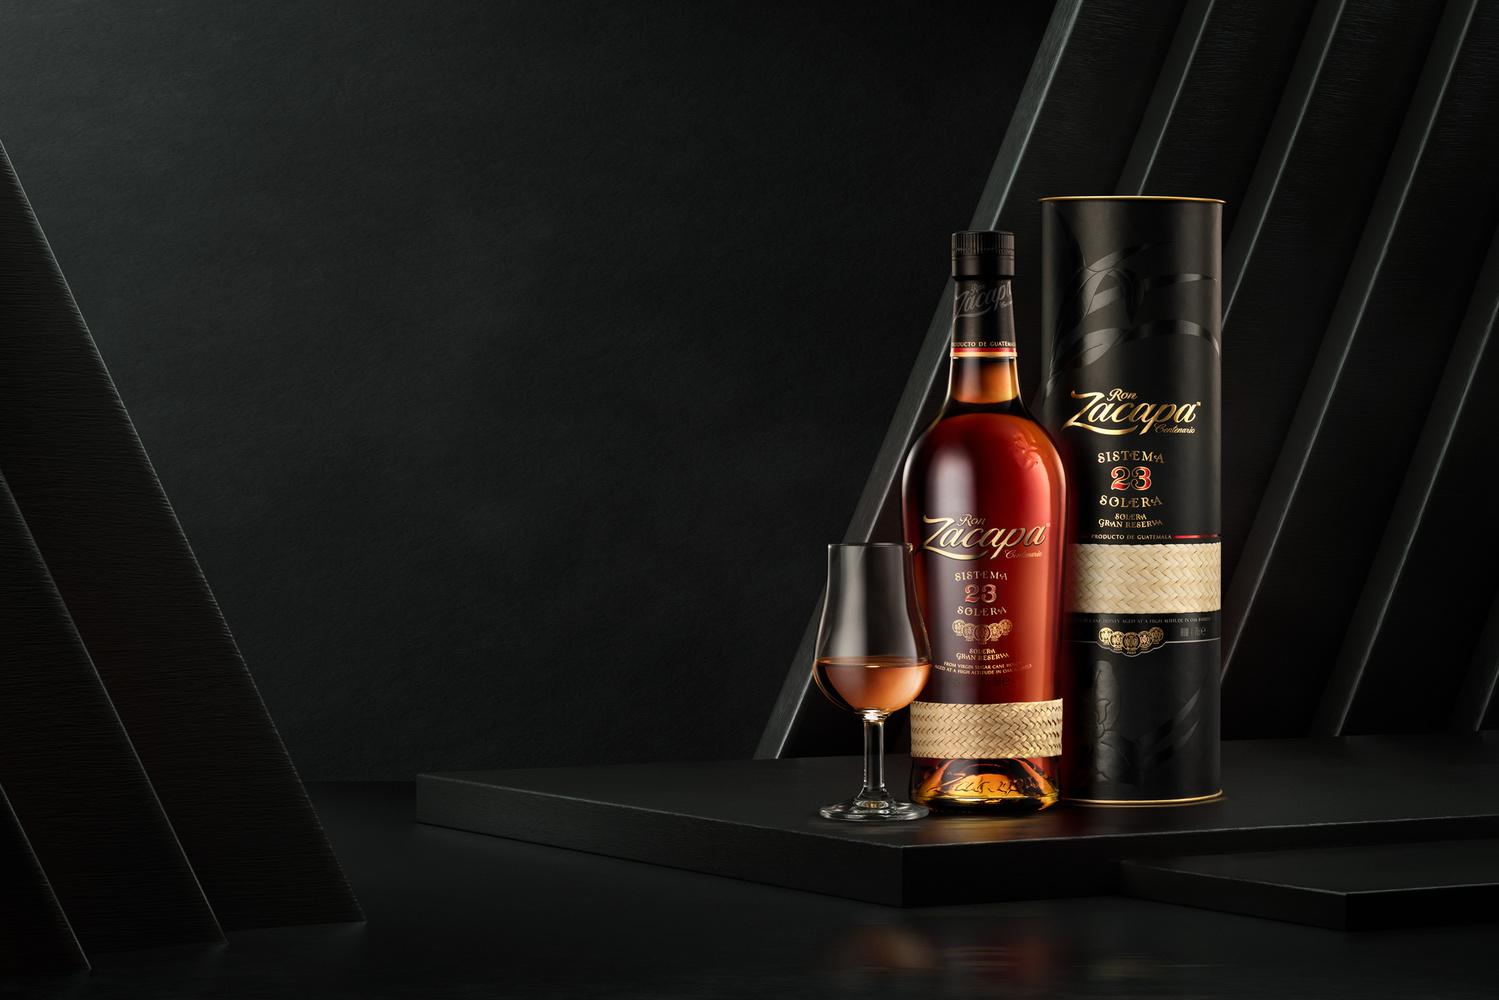 Ron zacapa rum by Piotr Maksymowicz